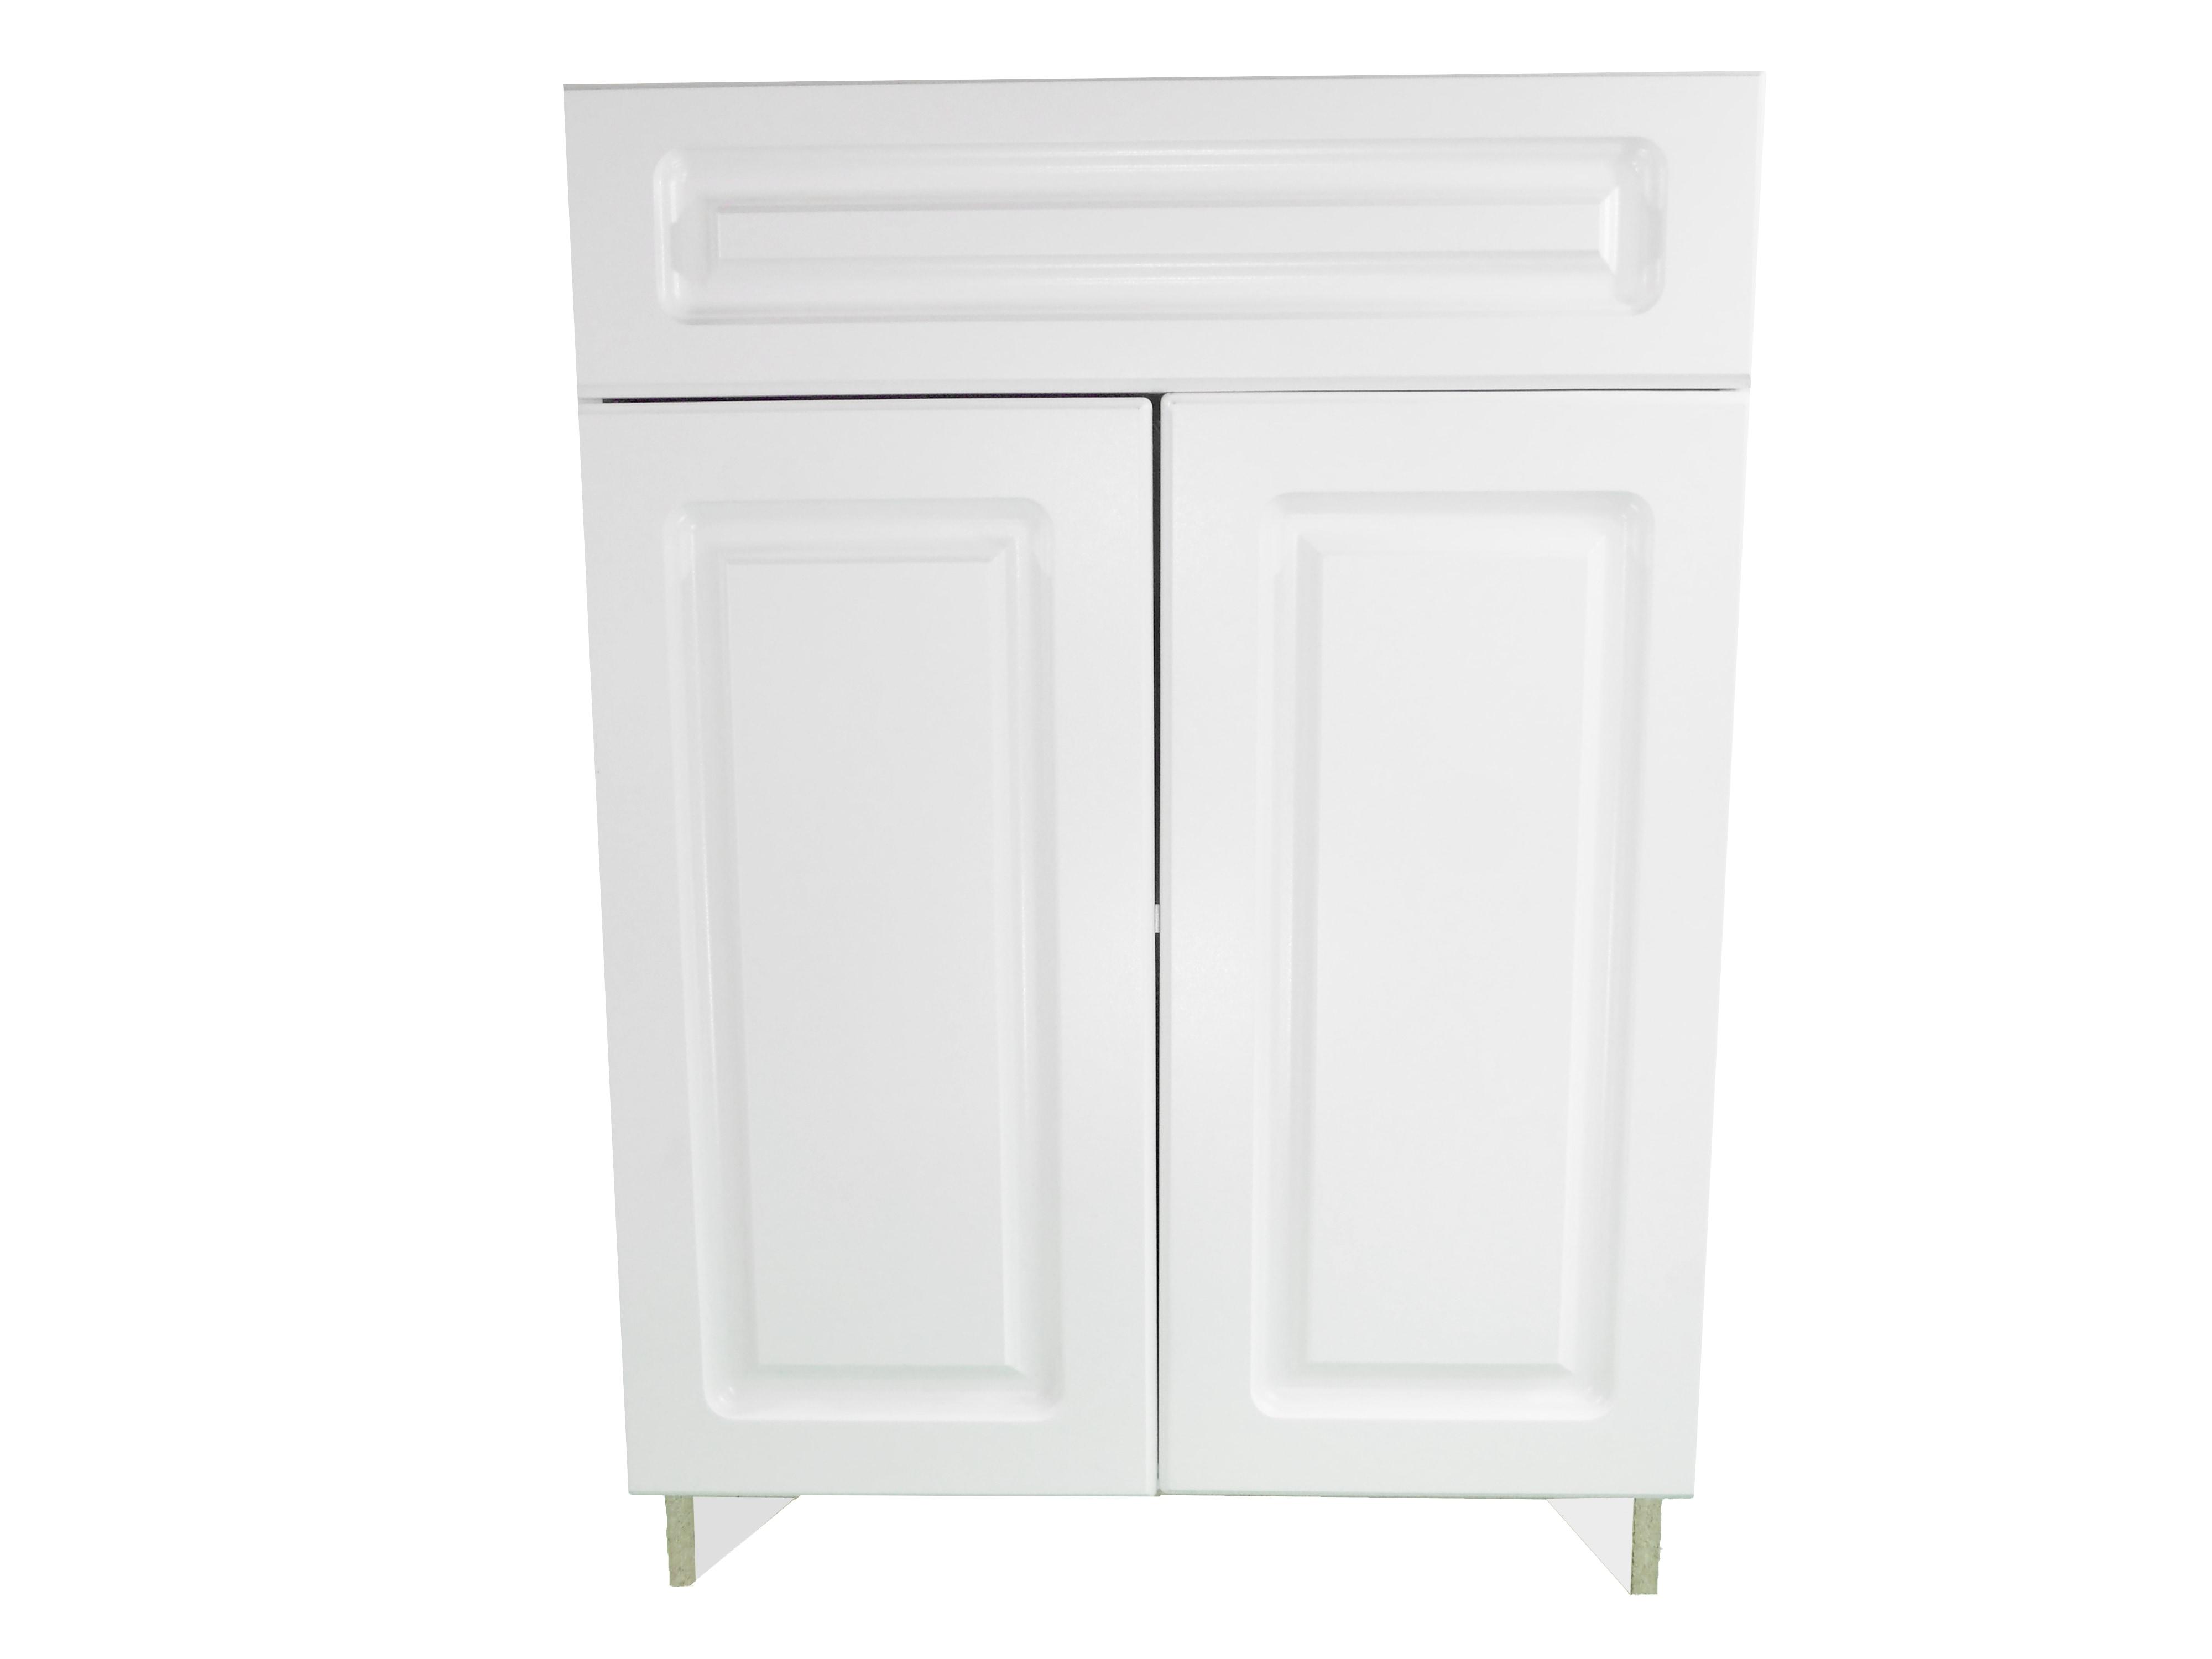 Base Cabinet with Drawer/2 Door / San Juan / Raised Panel White / 27 San Juan 0